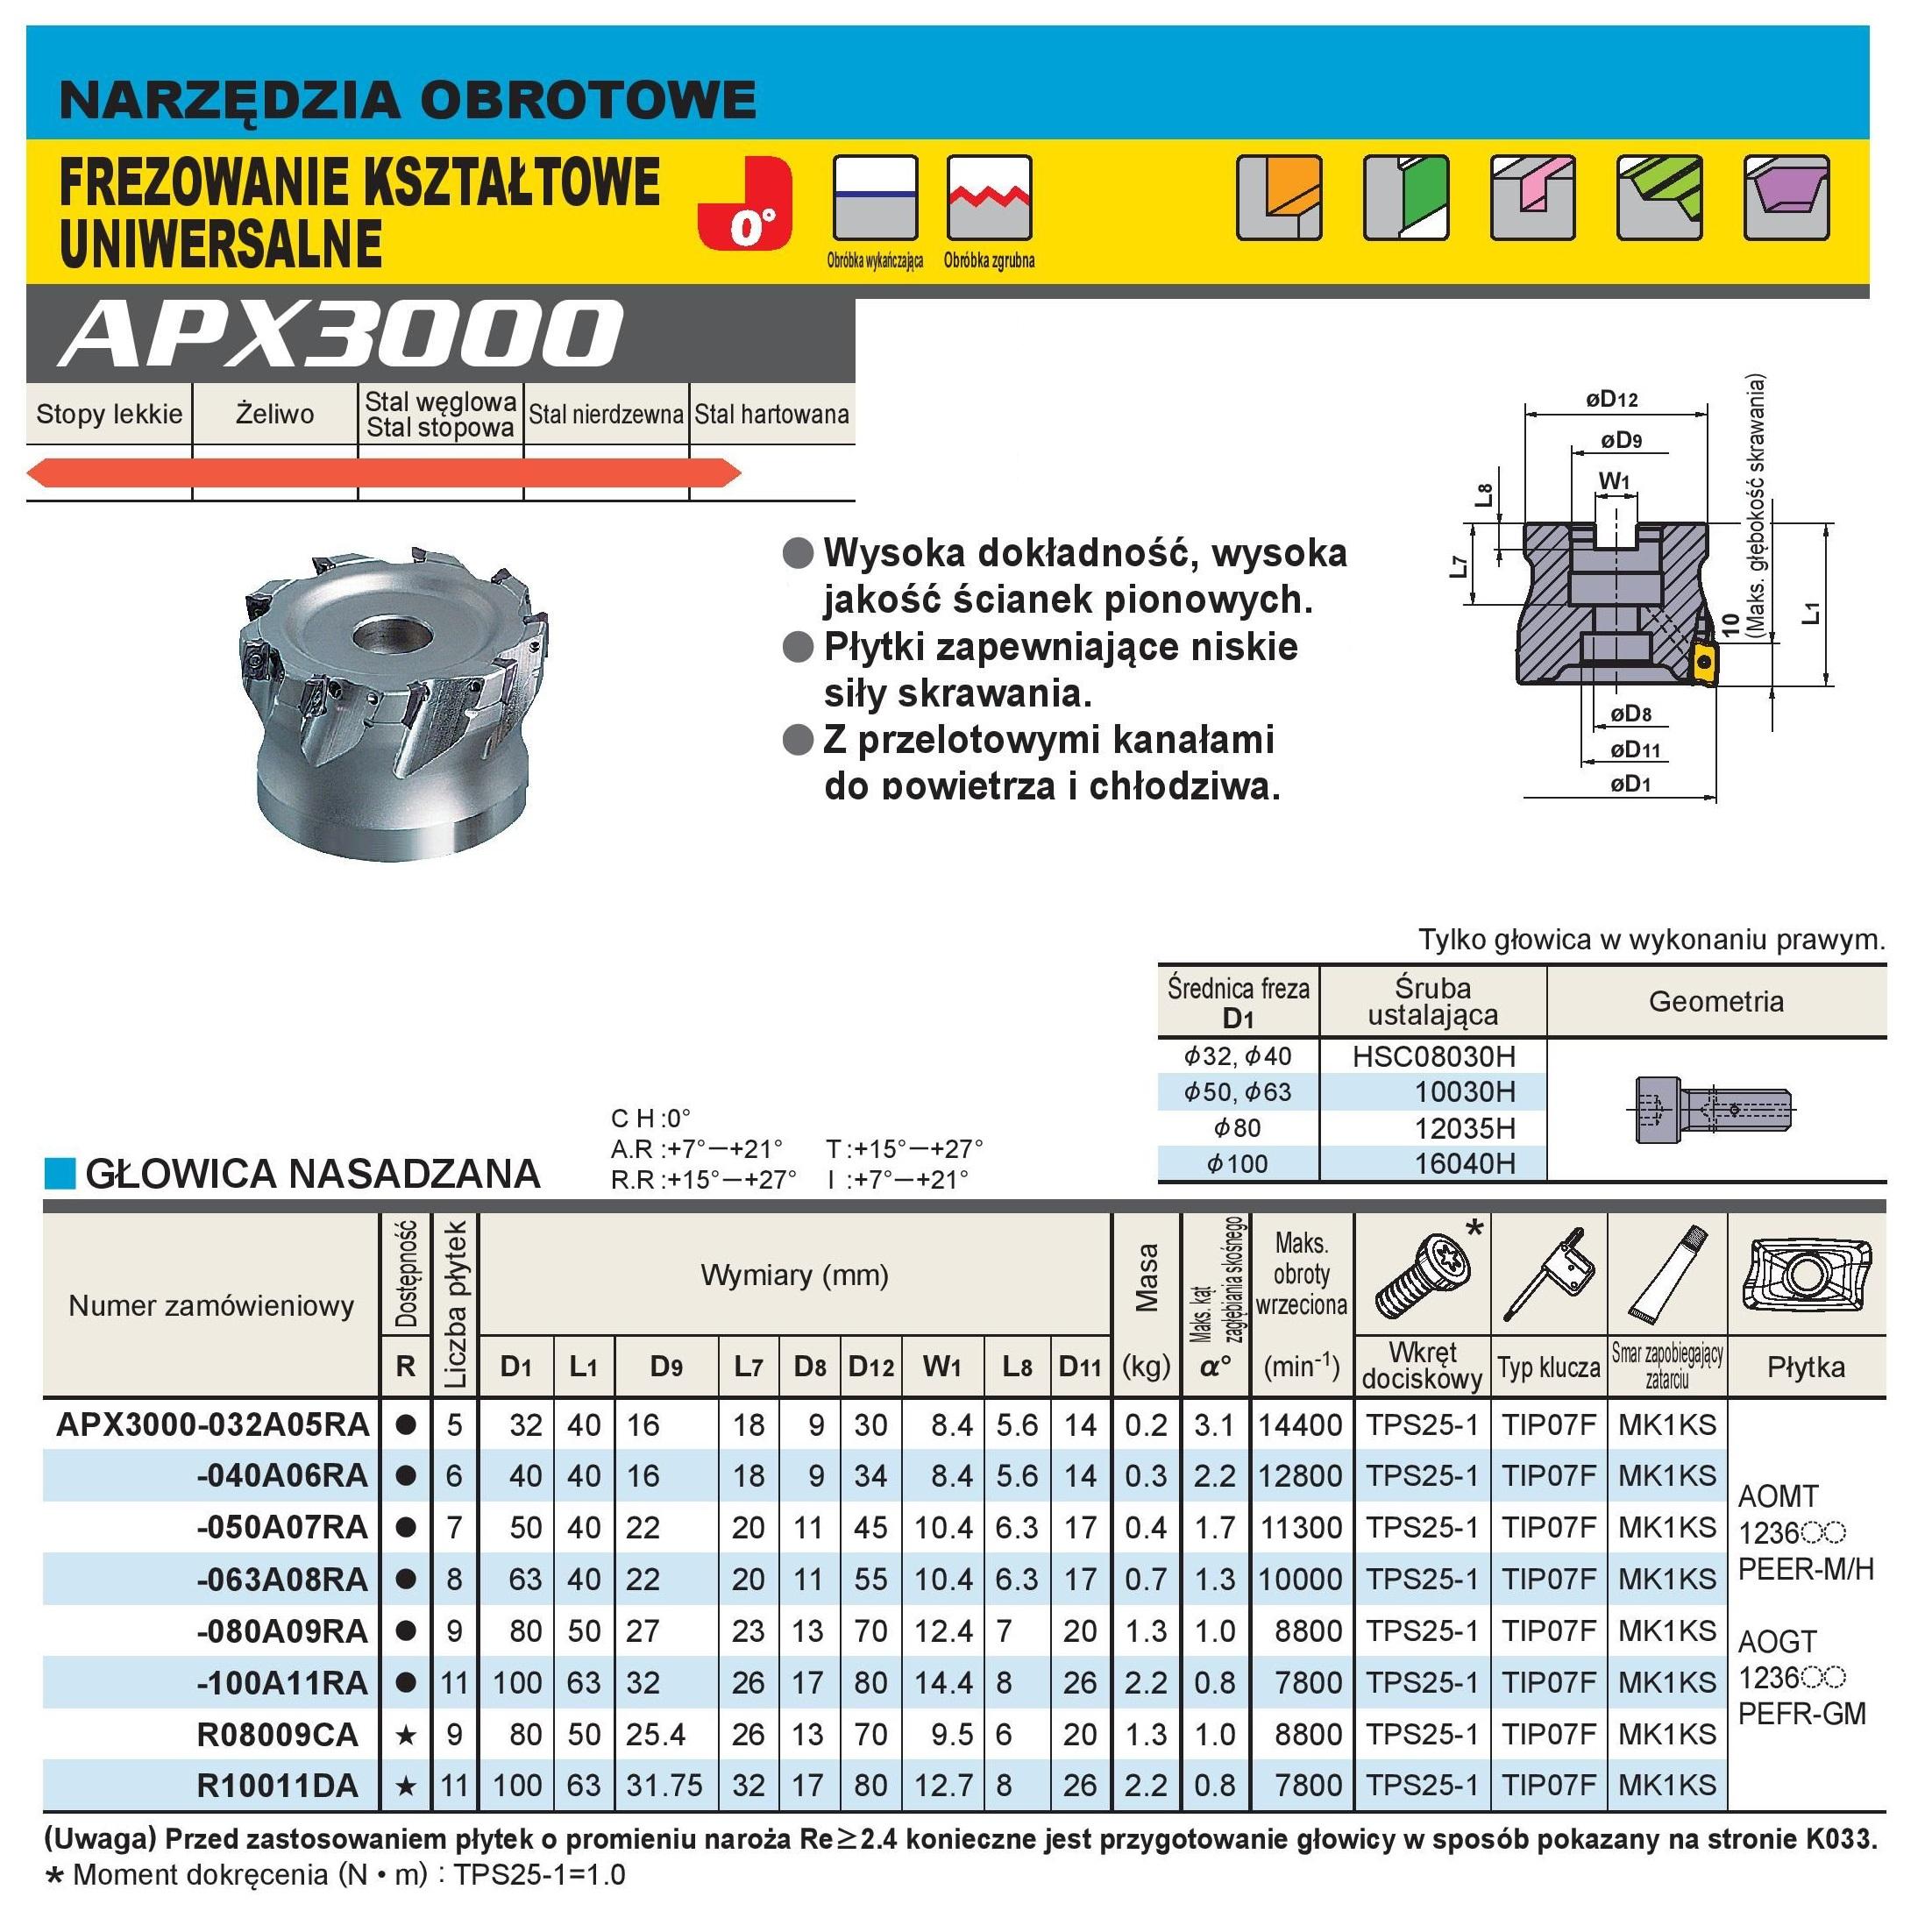 APX3000 głowica nasadzana